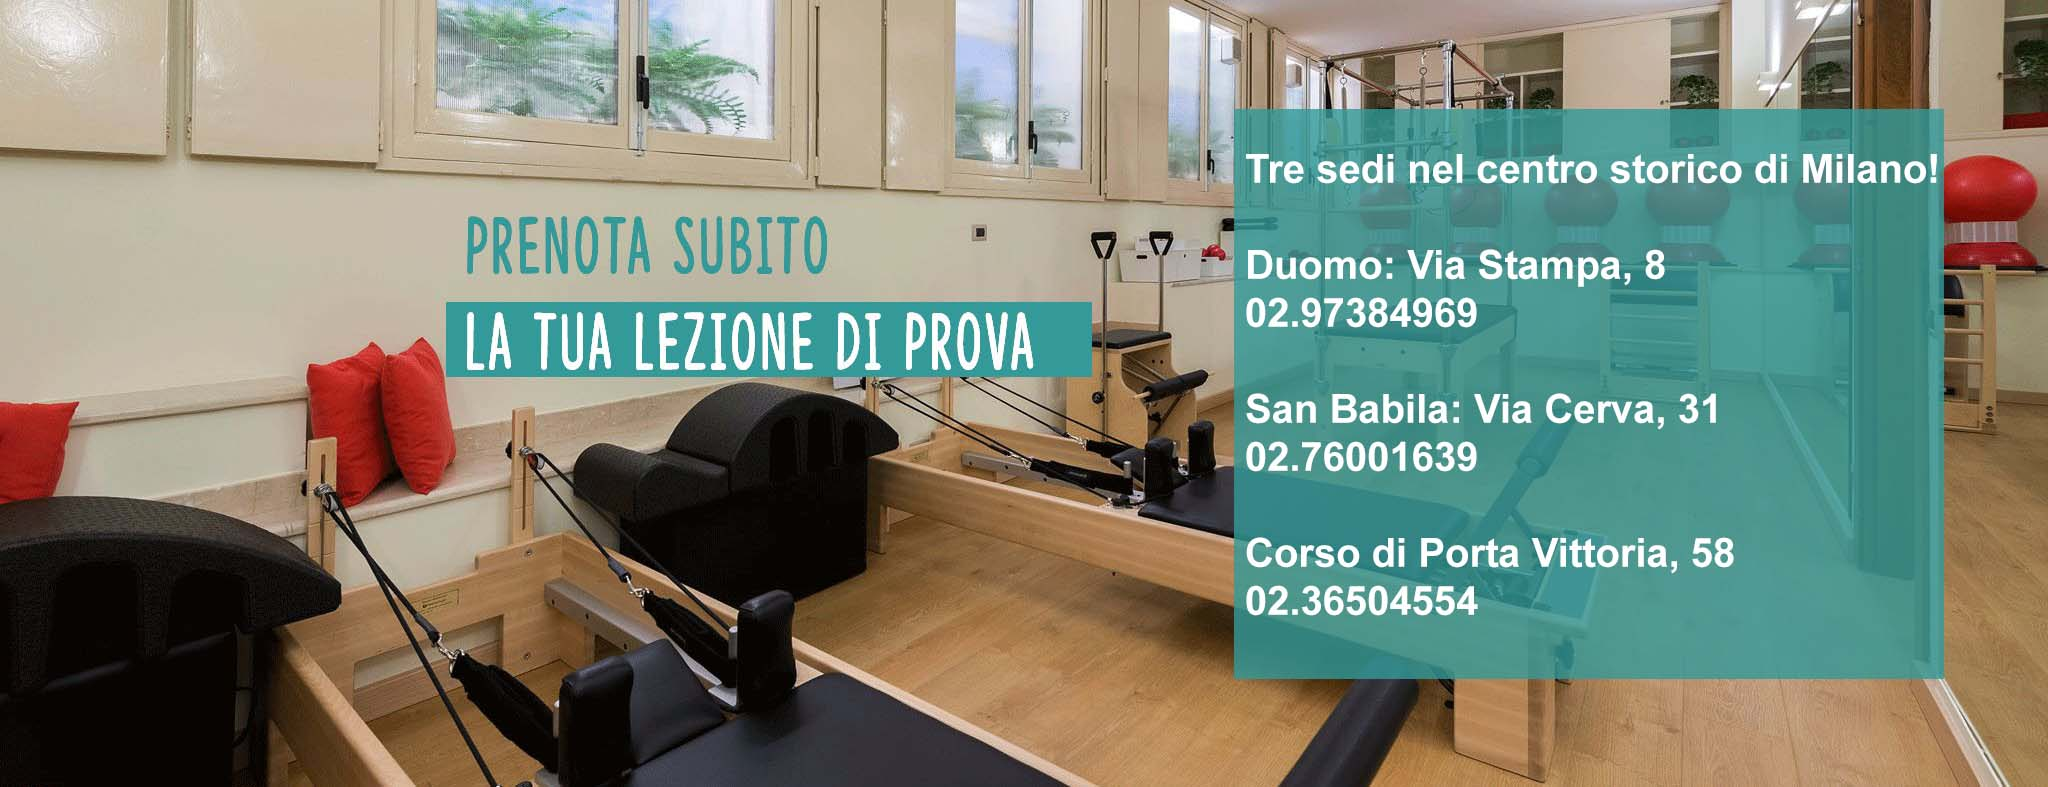 Corsi Di Pilates Via Argelati Milano - Prenota subito la tua lezione di prova